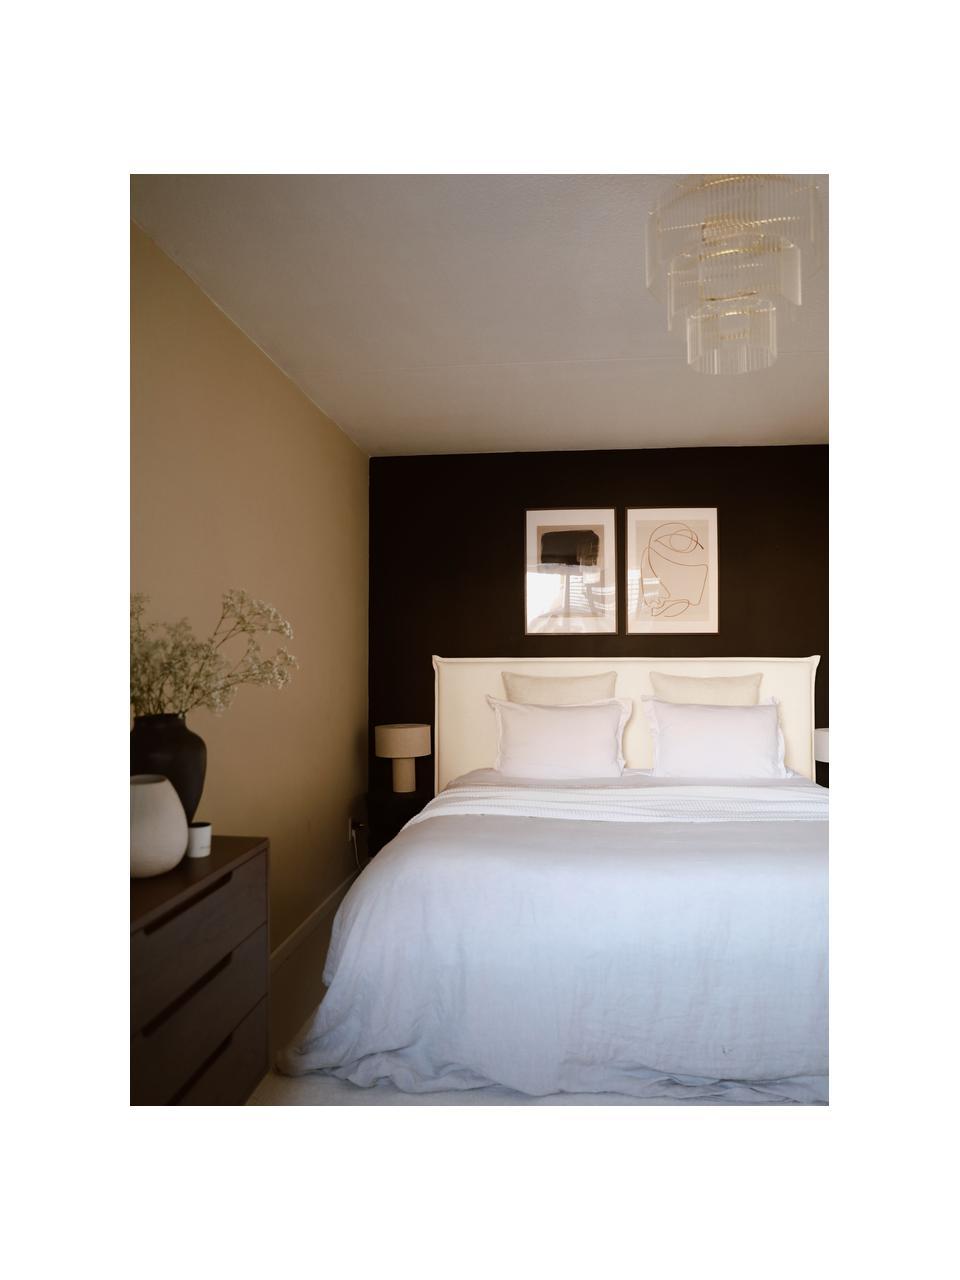 Letto boxspring Premium in tessuto bianco crema Violet, Materasso: nucleo a 5 zone di molle , Piedini: legno massiccio di betull, Tessuto bianco crema, 140 x 200 cm